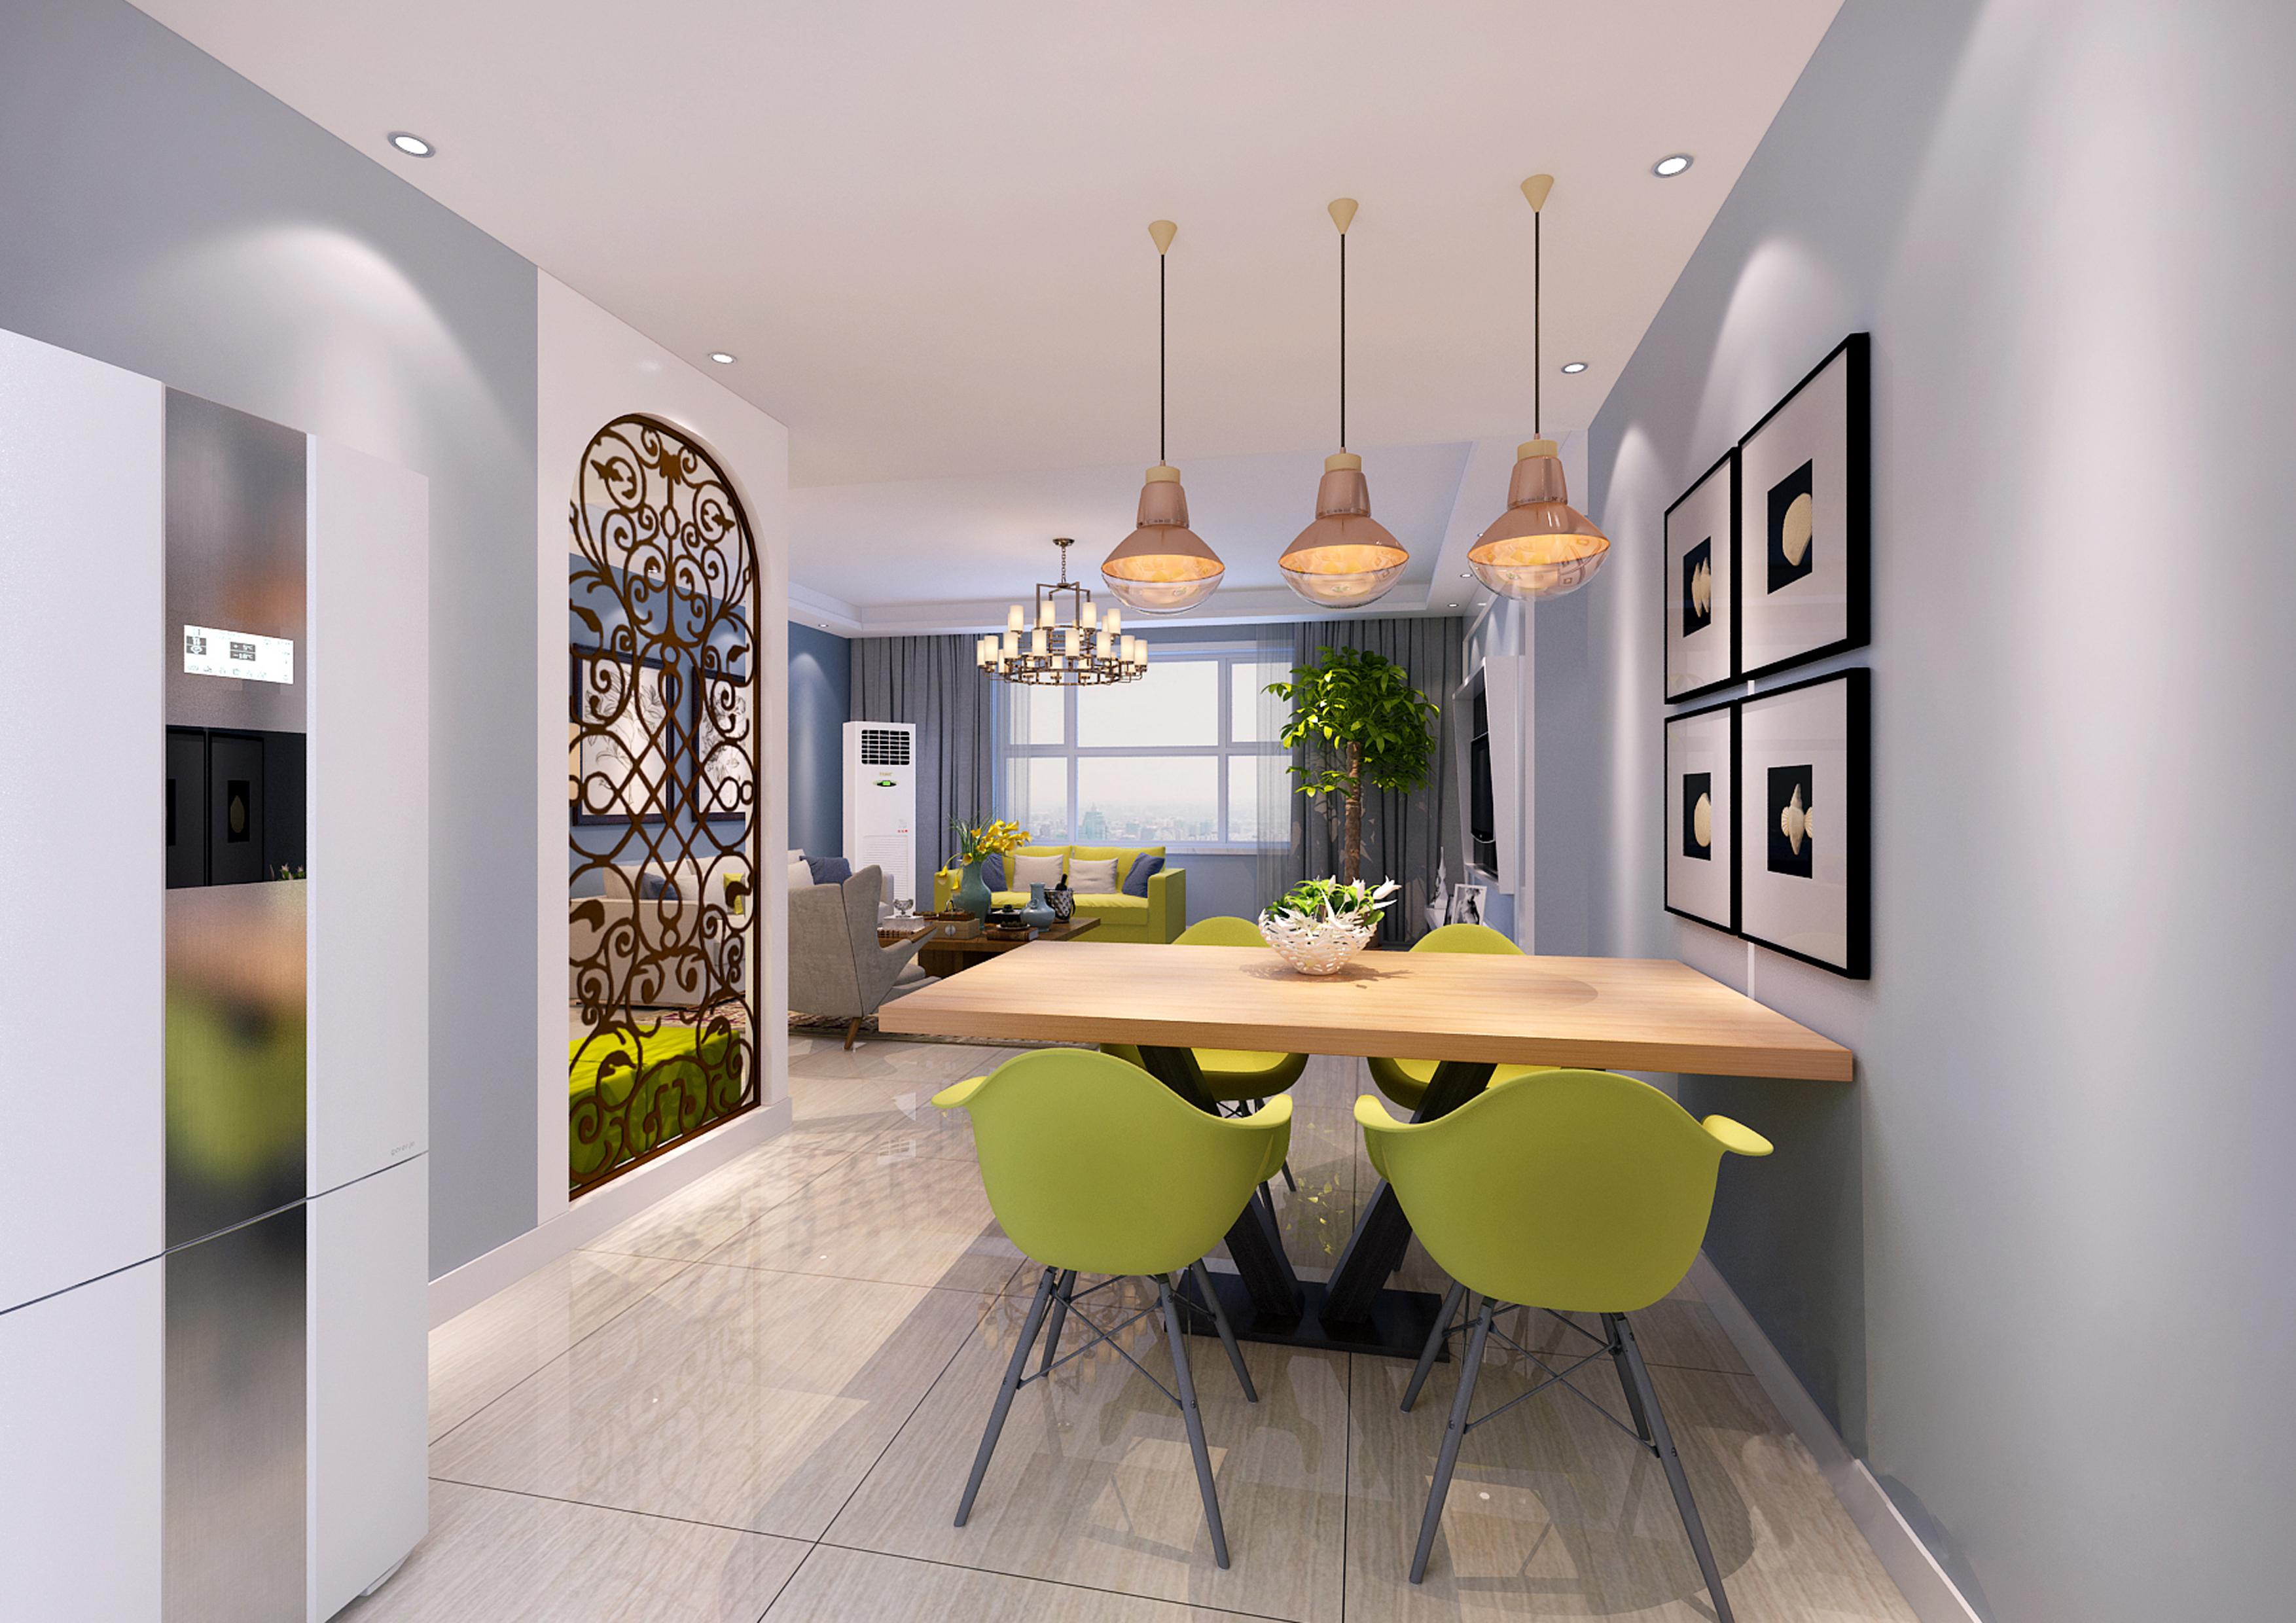 家裝設計效果圖別墅室內設計客廳餐廳廚房臥室書房公主房榻榻設計